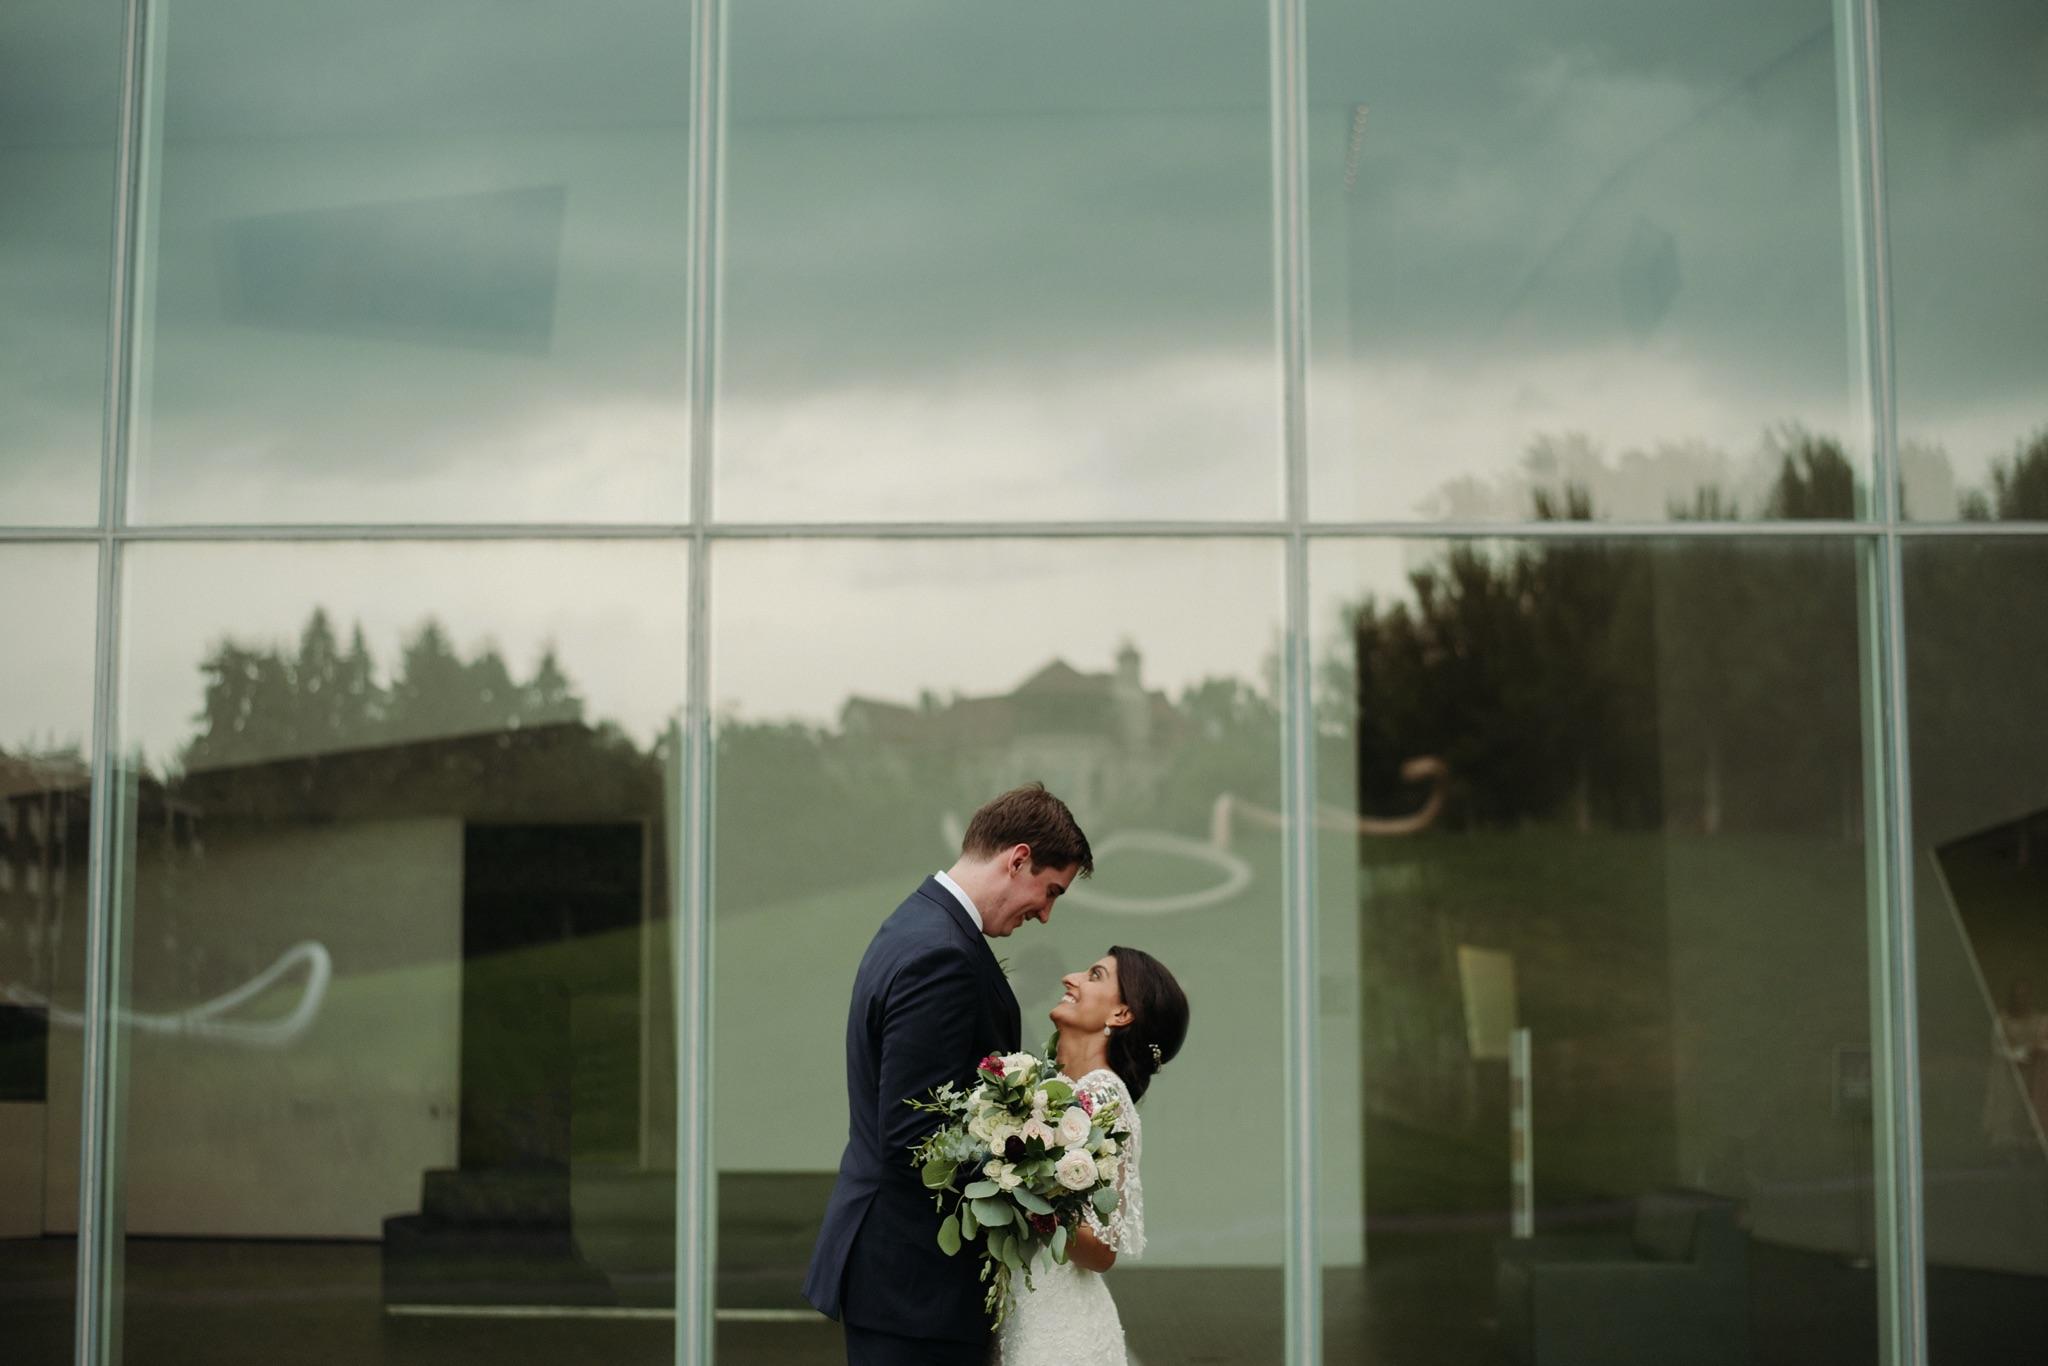 Bride and groom hugging in front of a window walker art center wedding